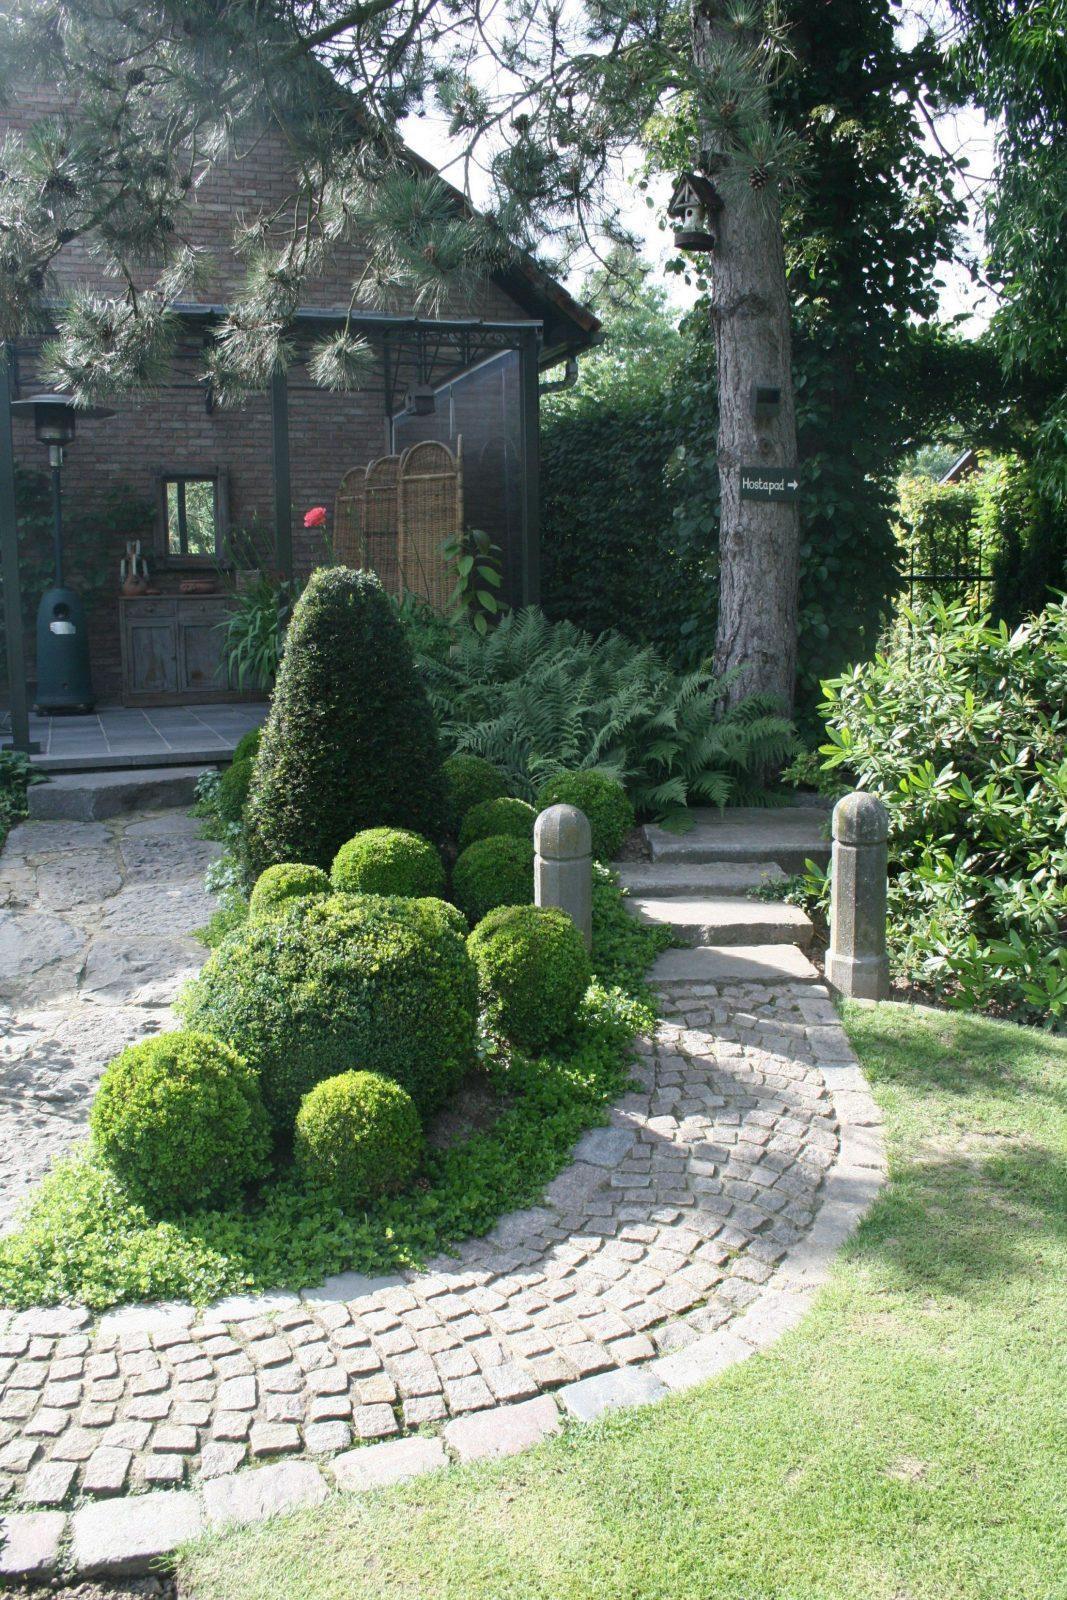 Tolle Deko Ideen Mit Steinen Im Garten Konzept Garten Design Ideen von Deko Ideen Mit Steinen Im Garten Bild